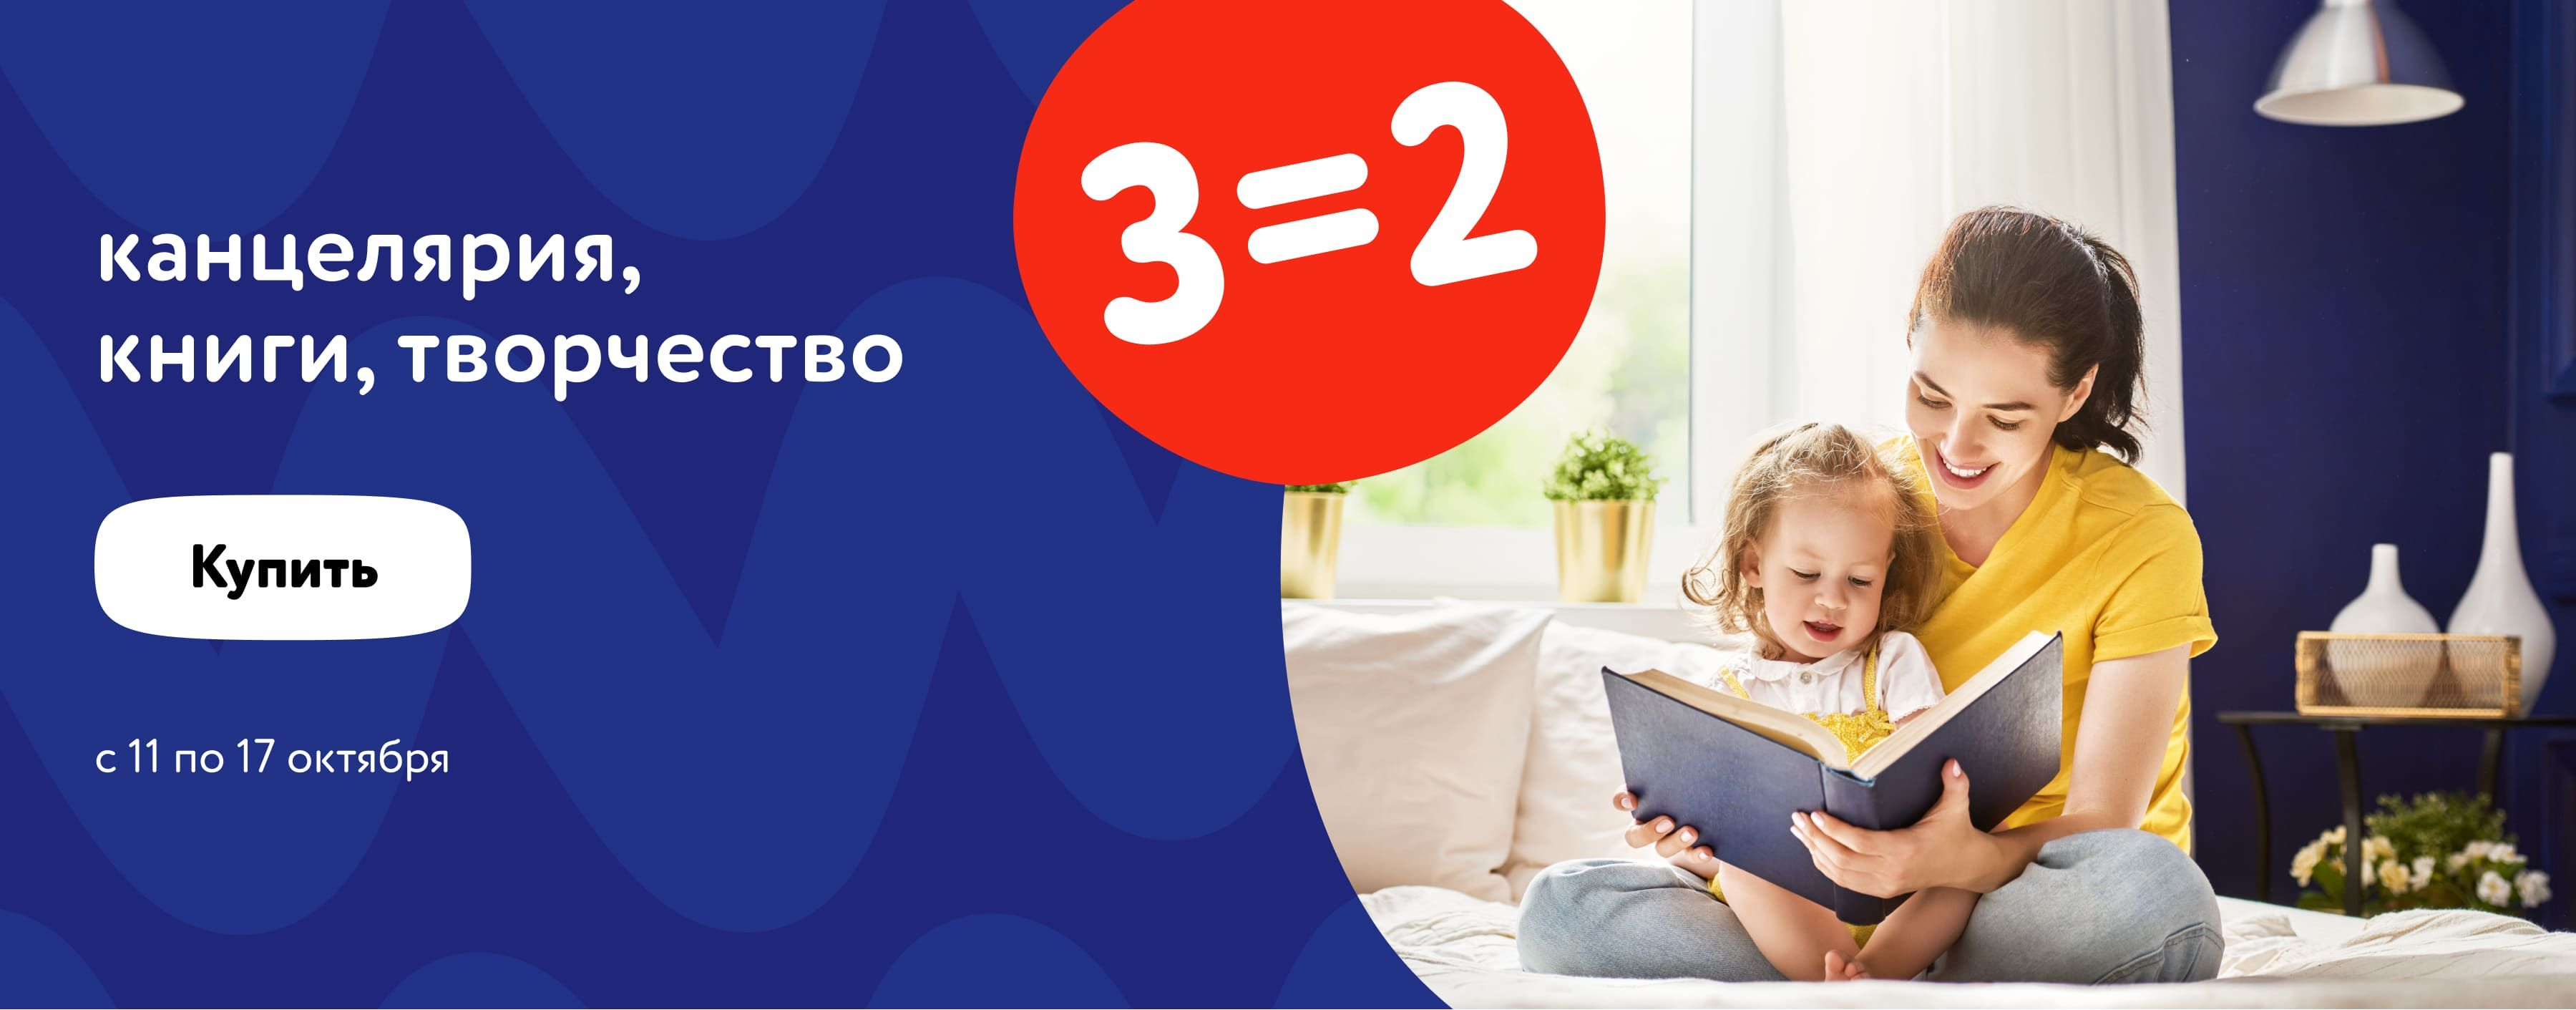 3=2 на книги, творчество и канцелярию